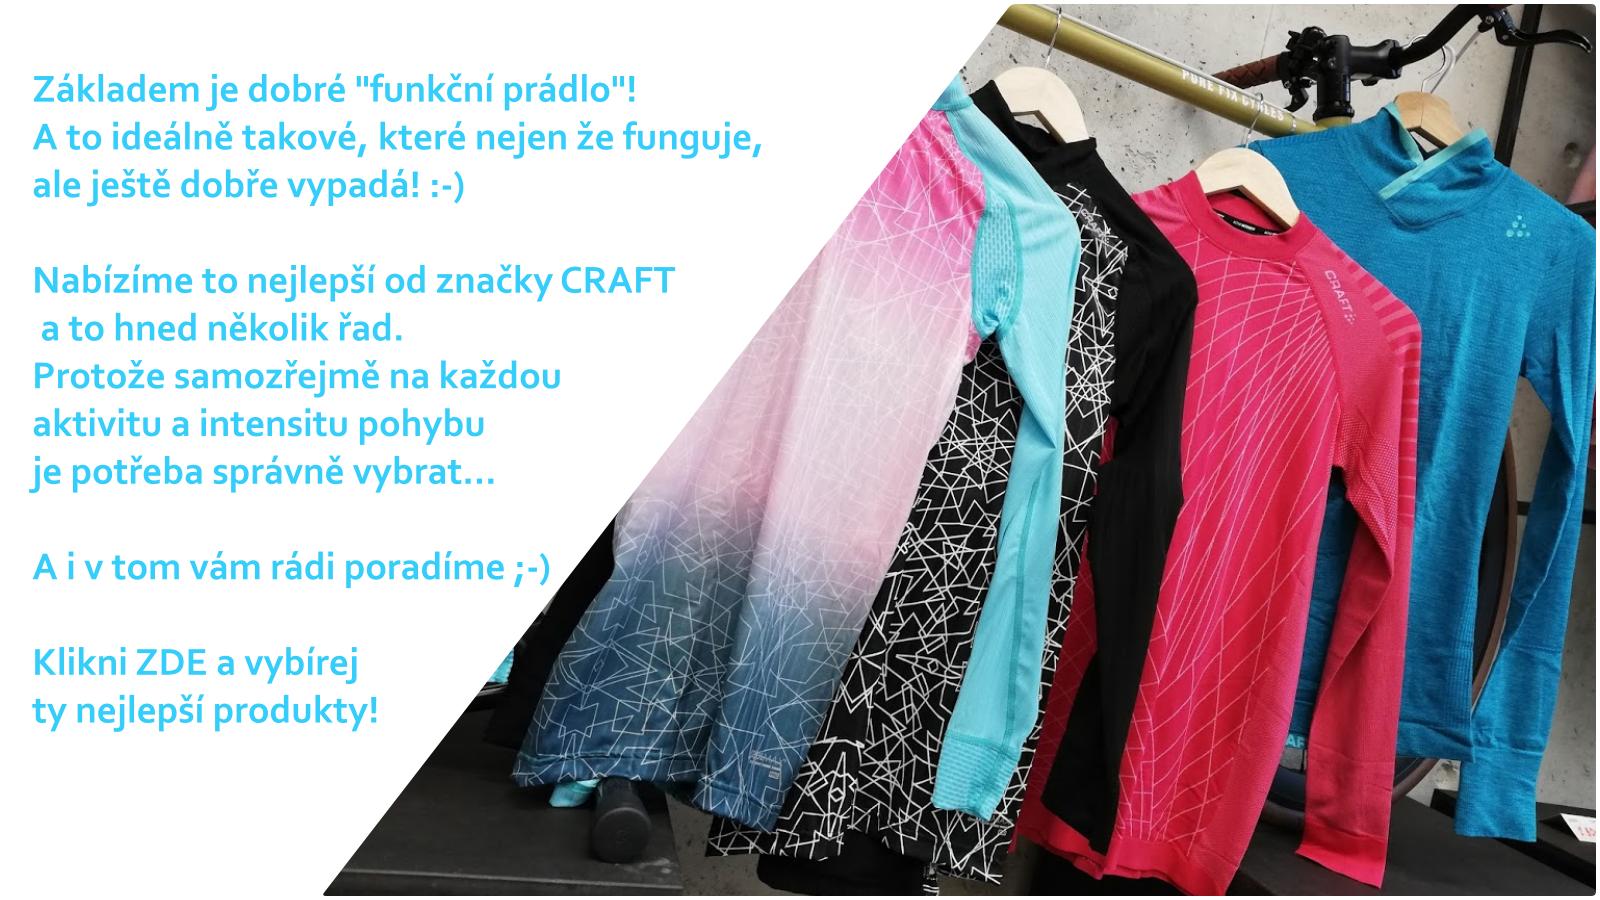 Široká nabídka funkčního prádla CRAFT